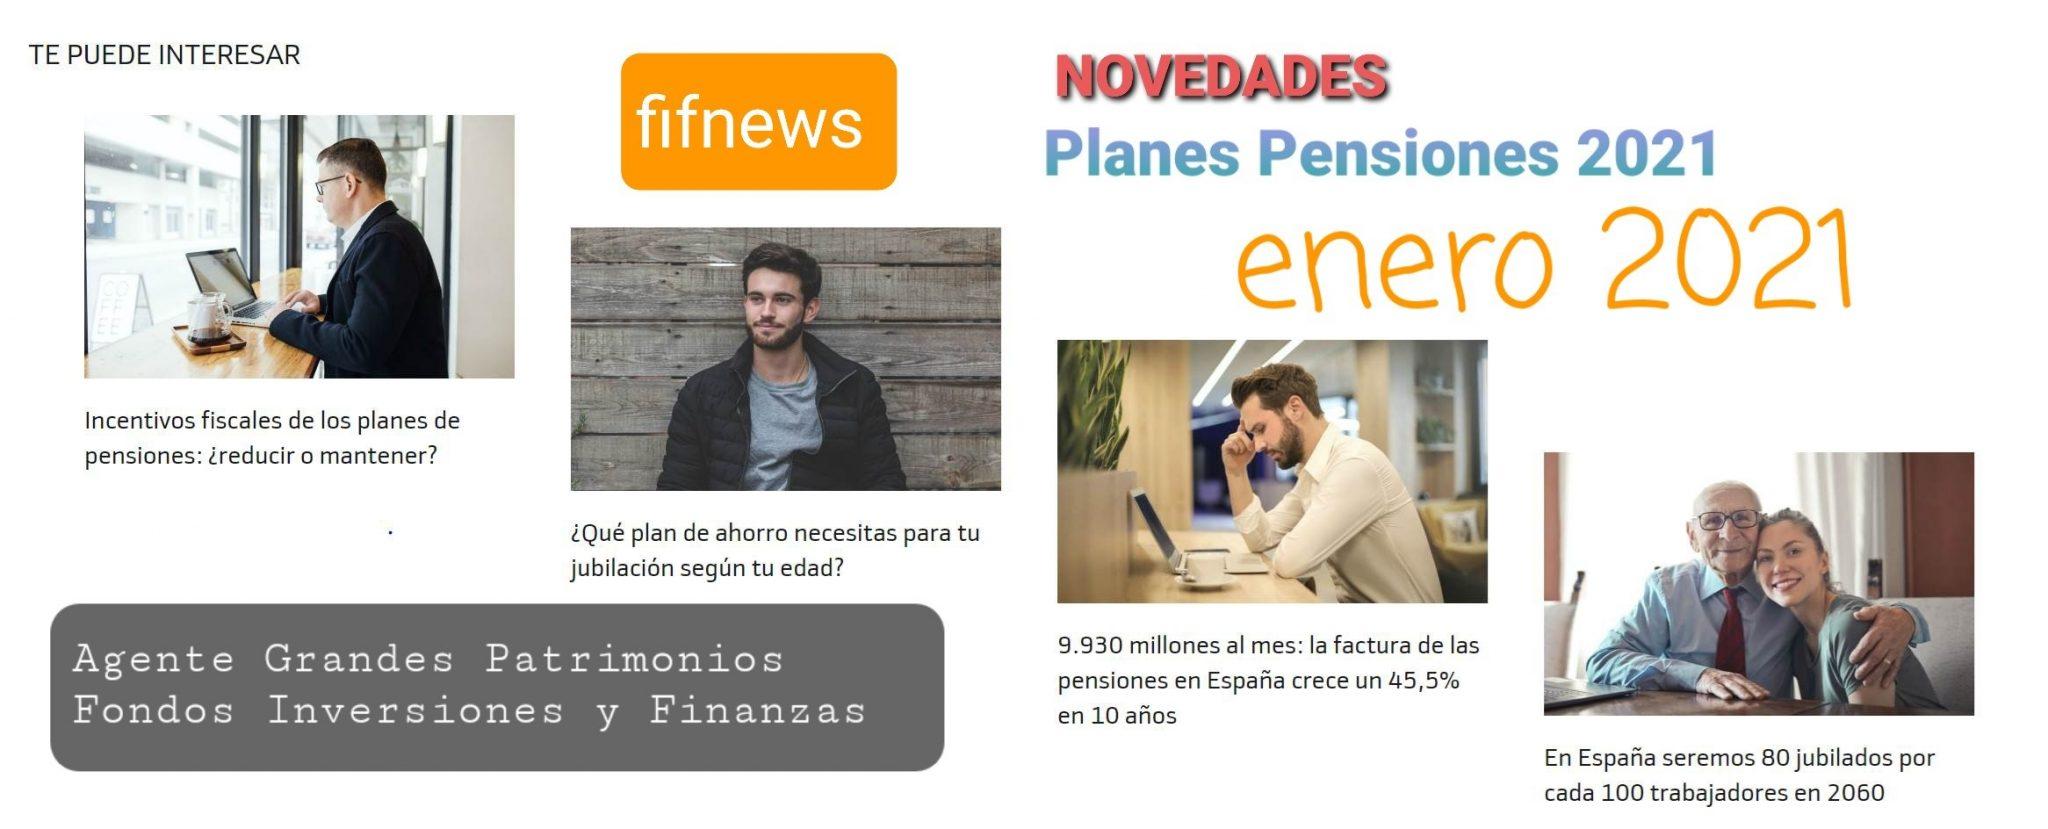 """FIFNEWS ENE 2021: """"Novedades nuevo año"""""""